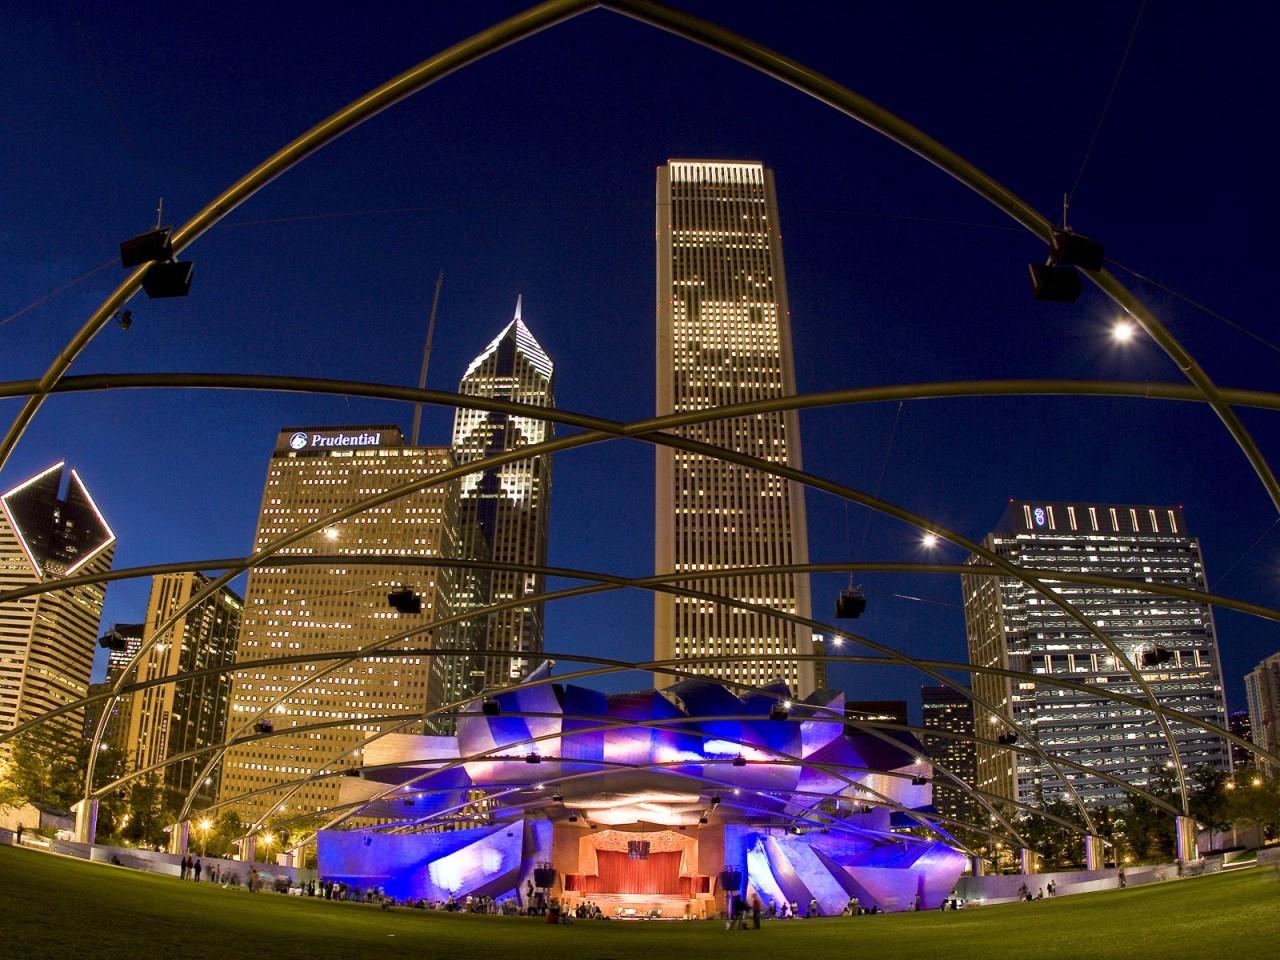 Gold 3d Hd Wallpapers Pavilion Millennium Park Chicago Illinois Wallpapers Hd